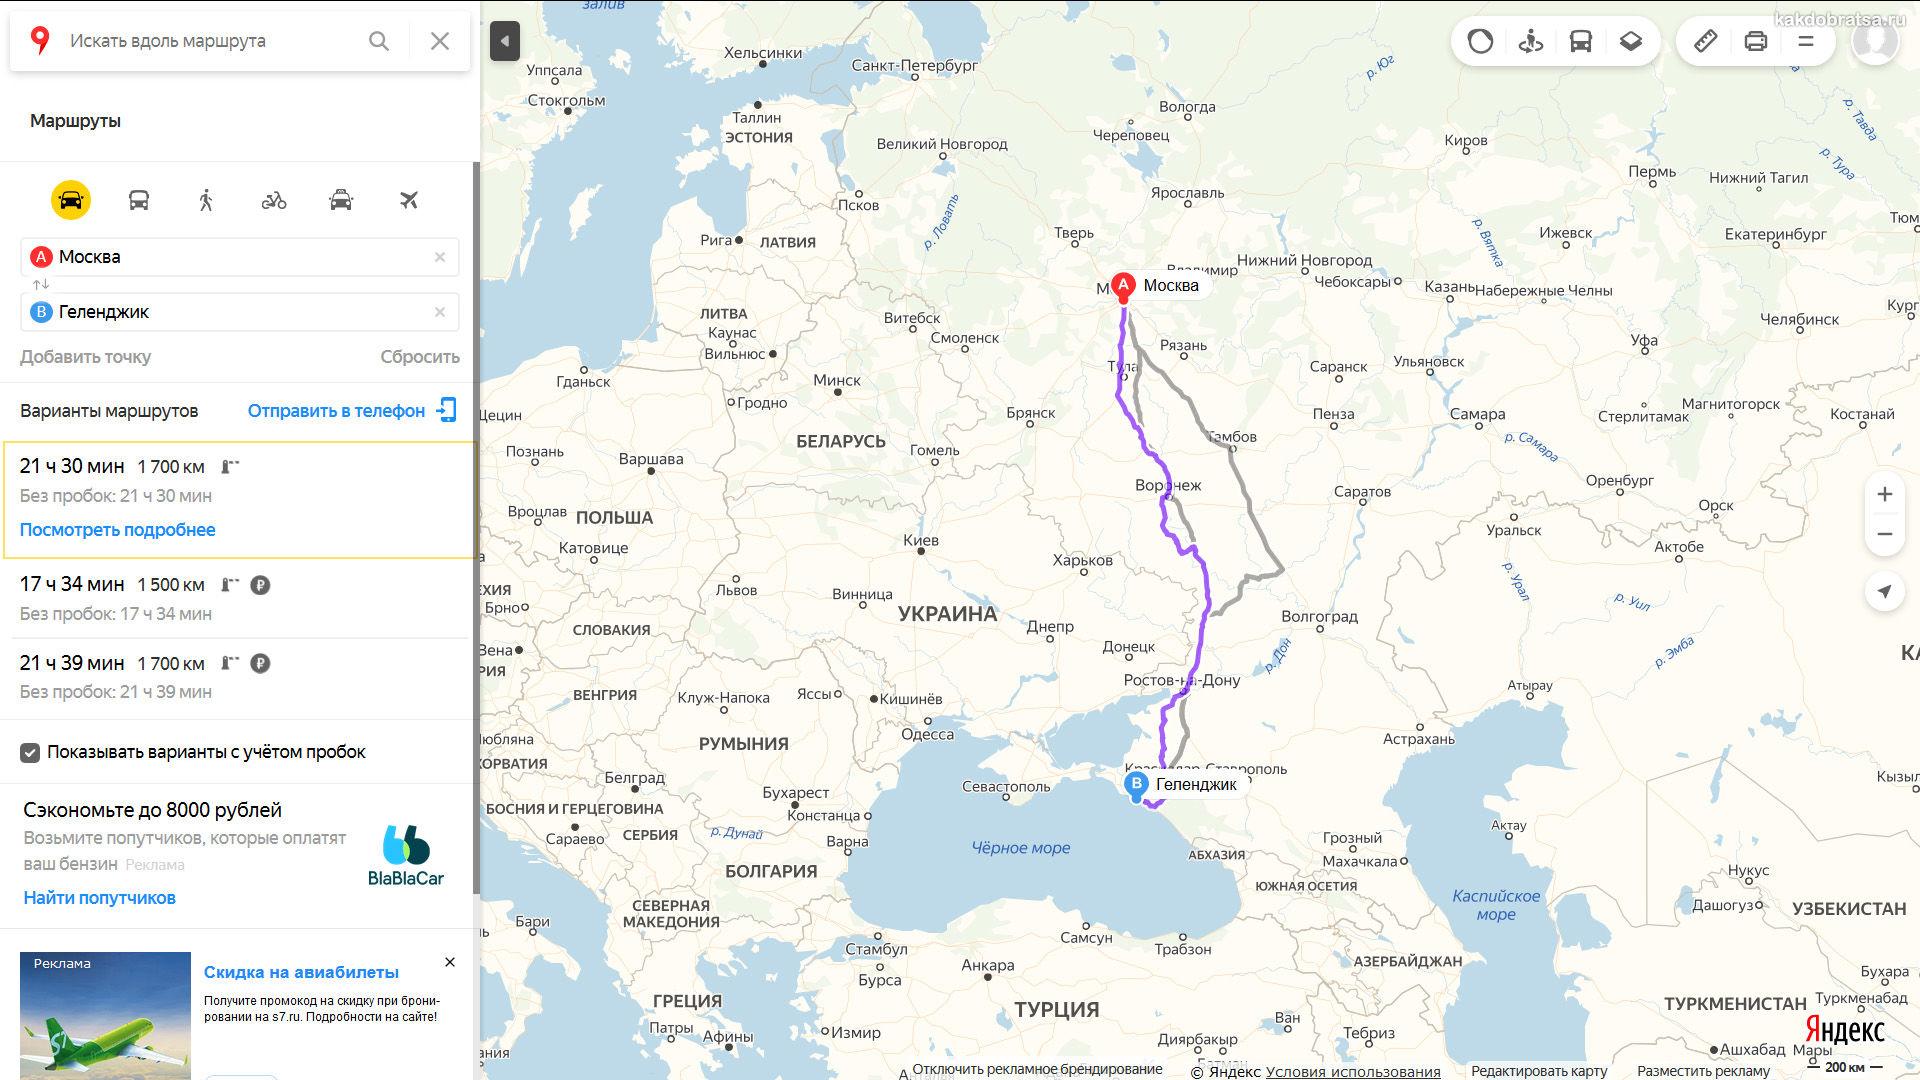 Москва Геленджик карта, расстояние и время в пути